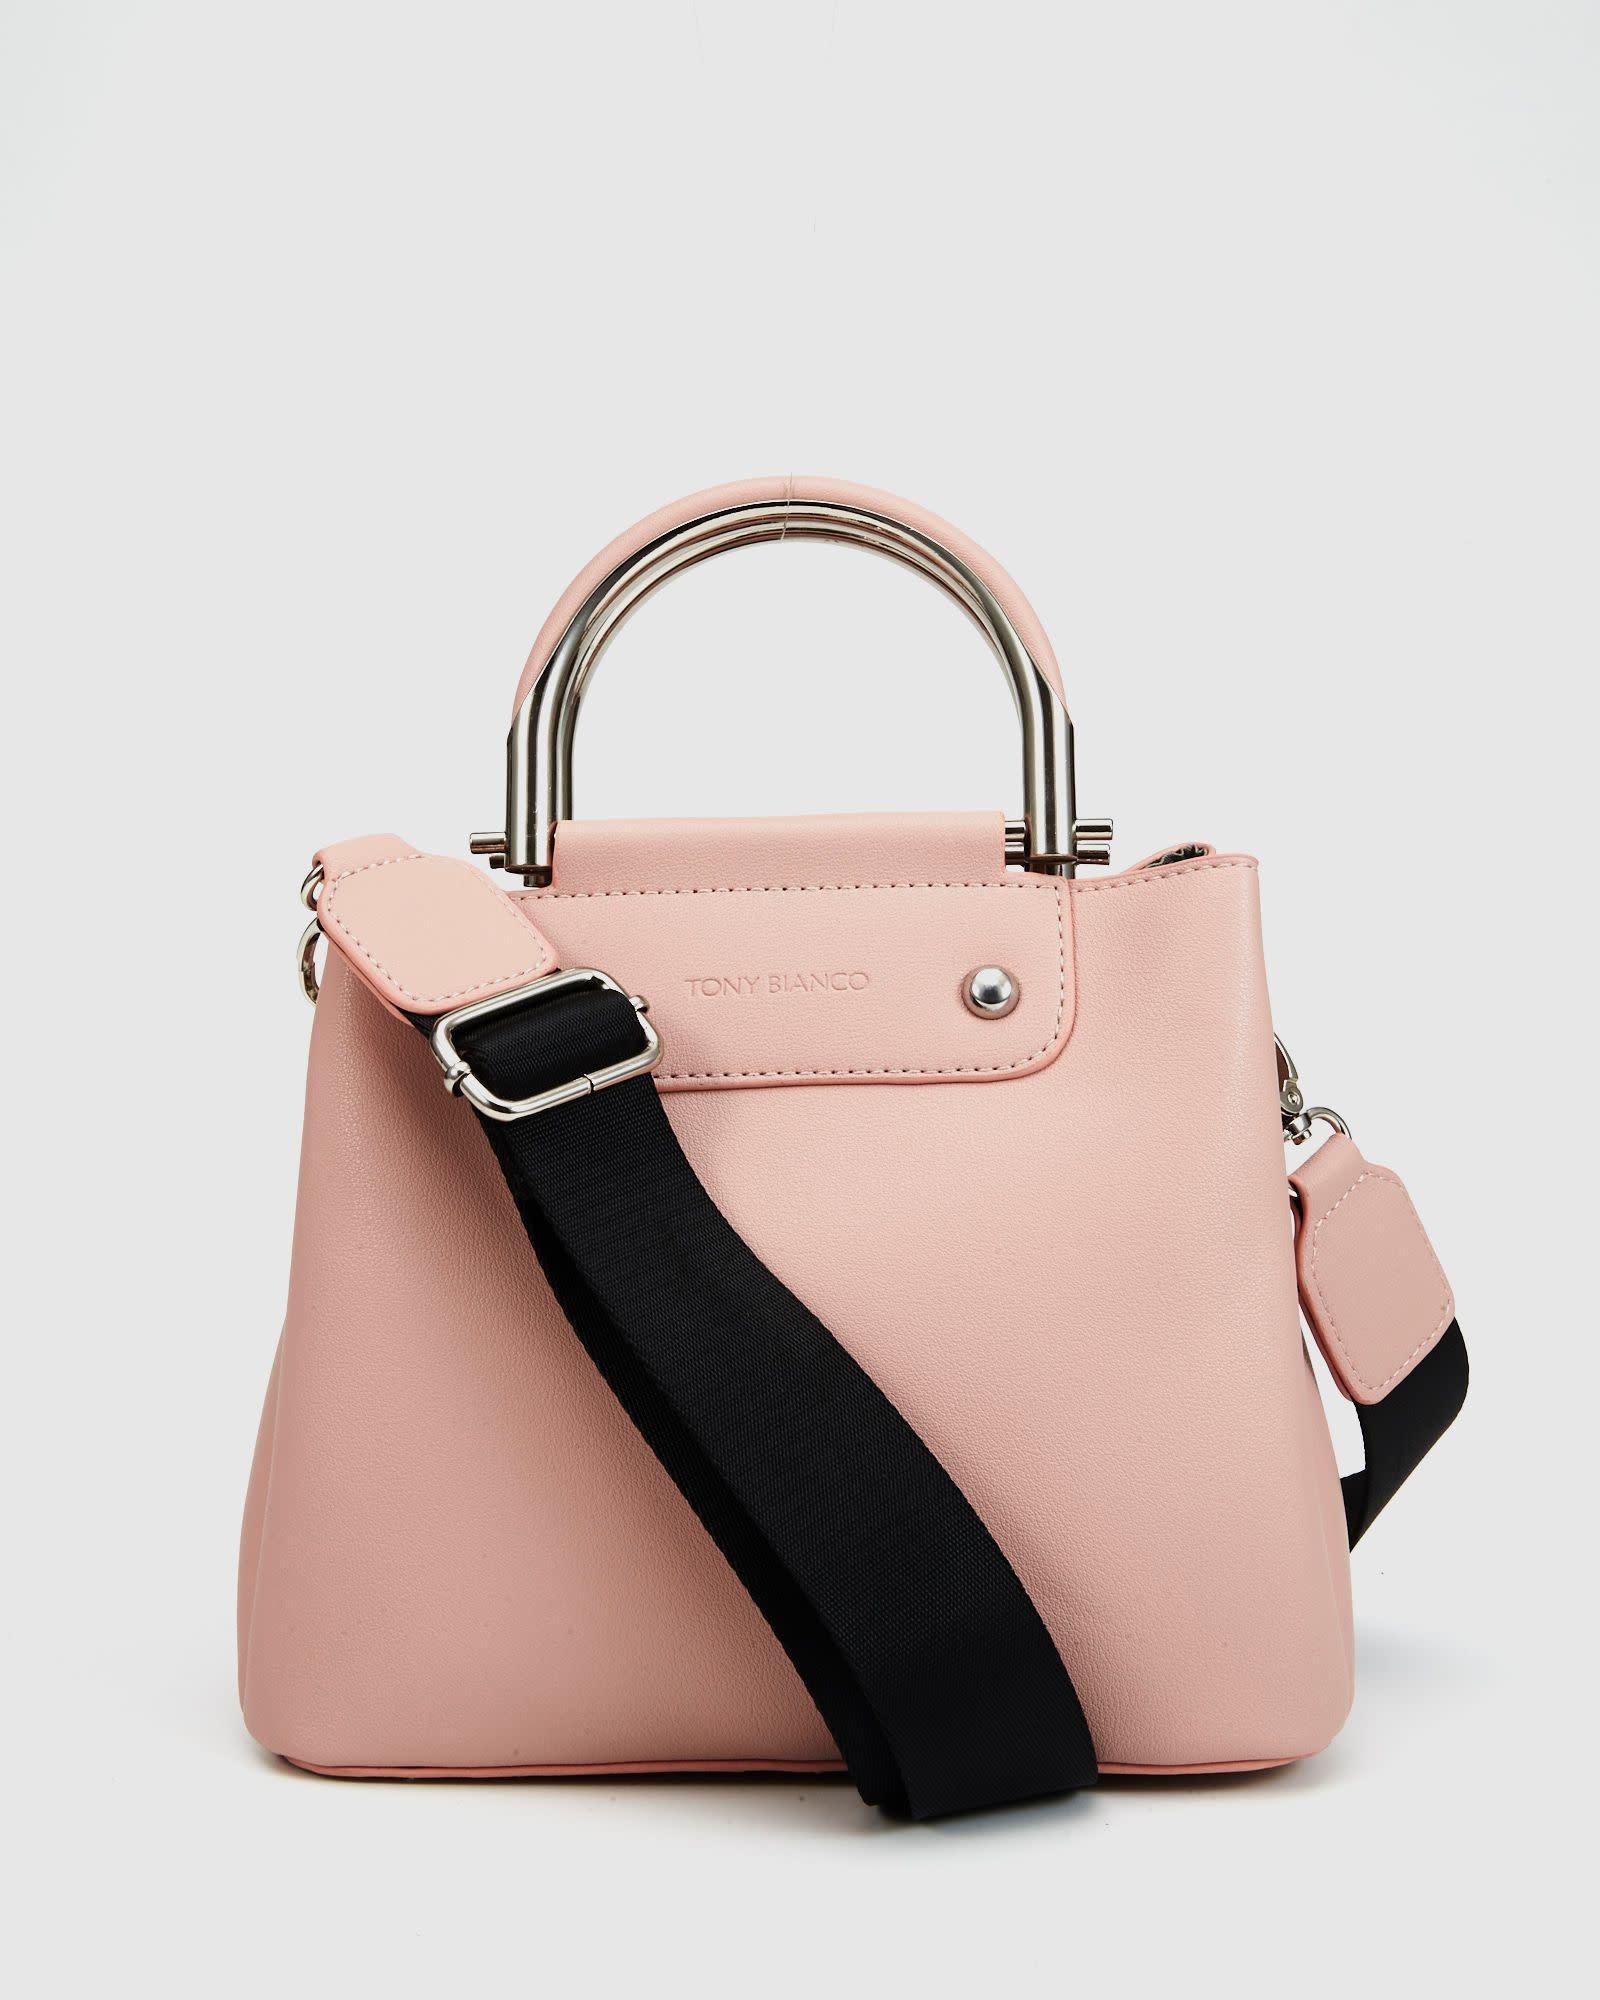 Tony Bianco Ken Mini Top Handle  Bag